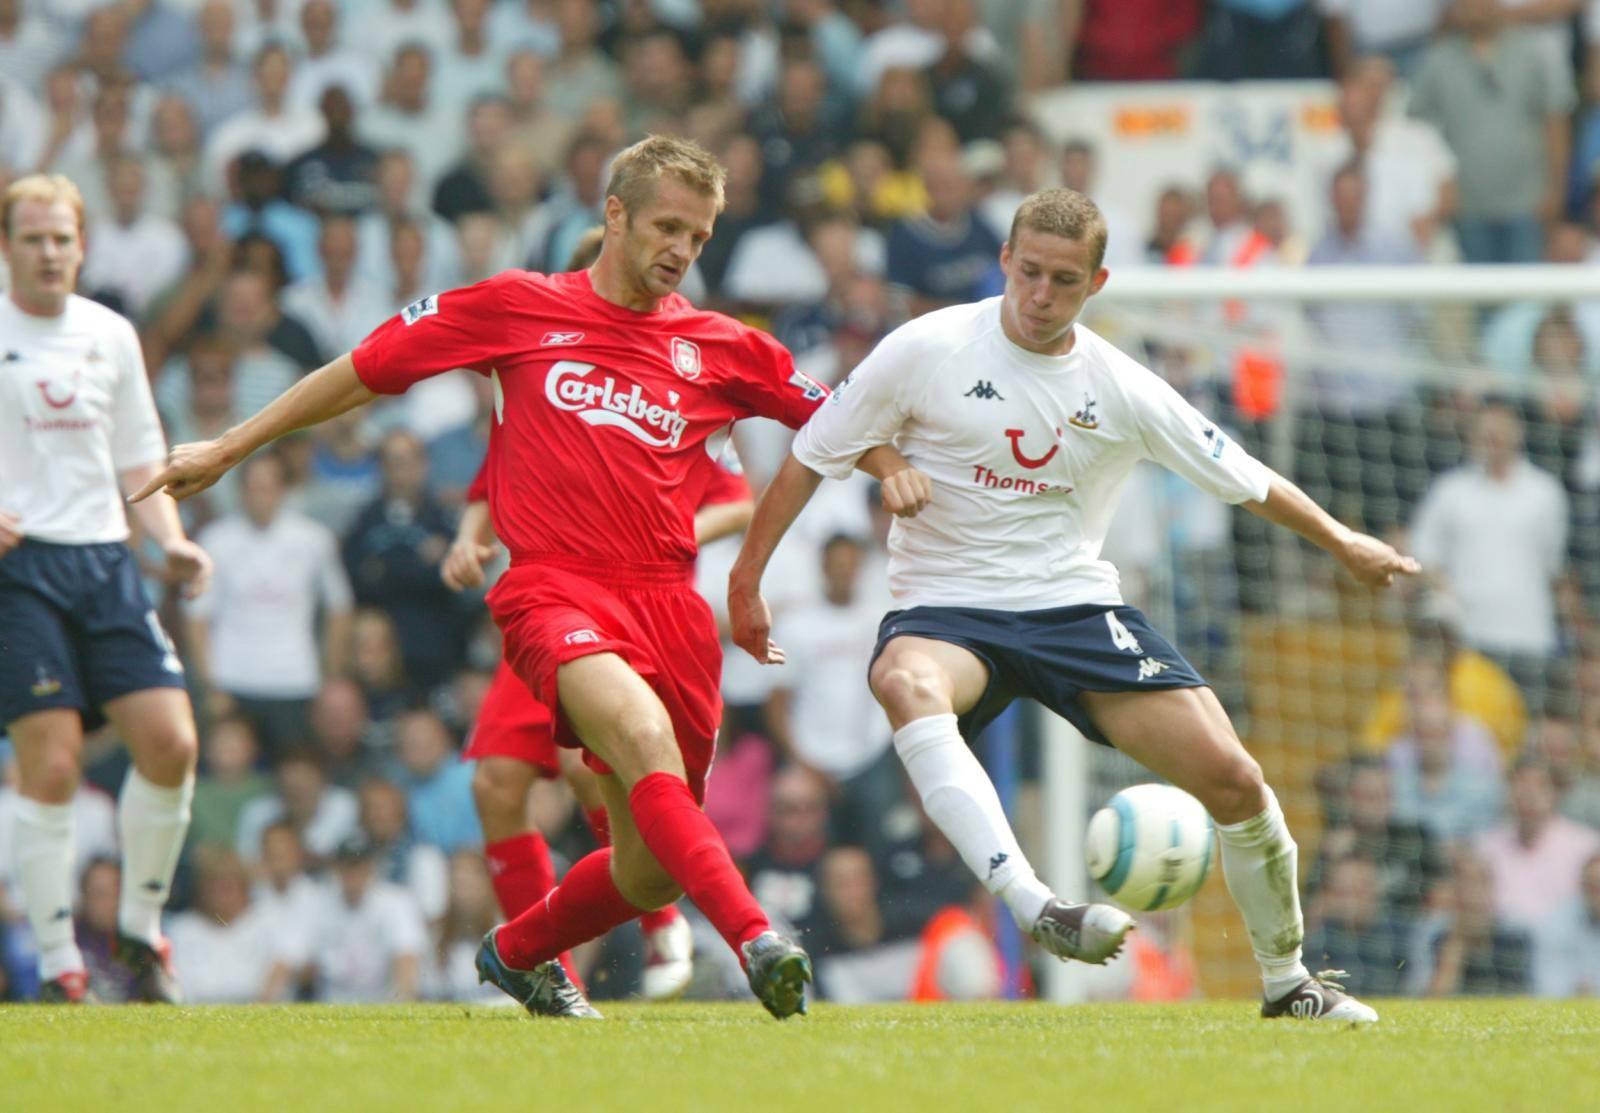 Soccer - FA Barclays Premiership - Tottenham Hotspur v Liverpool